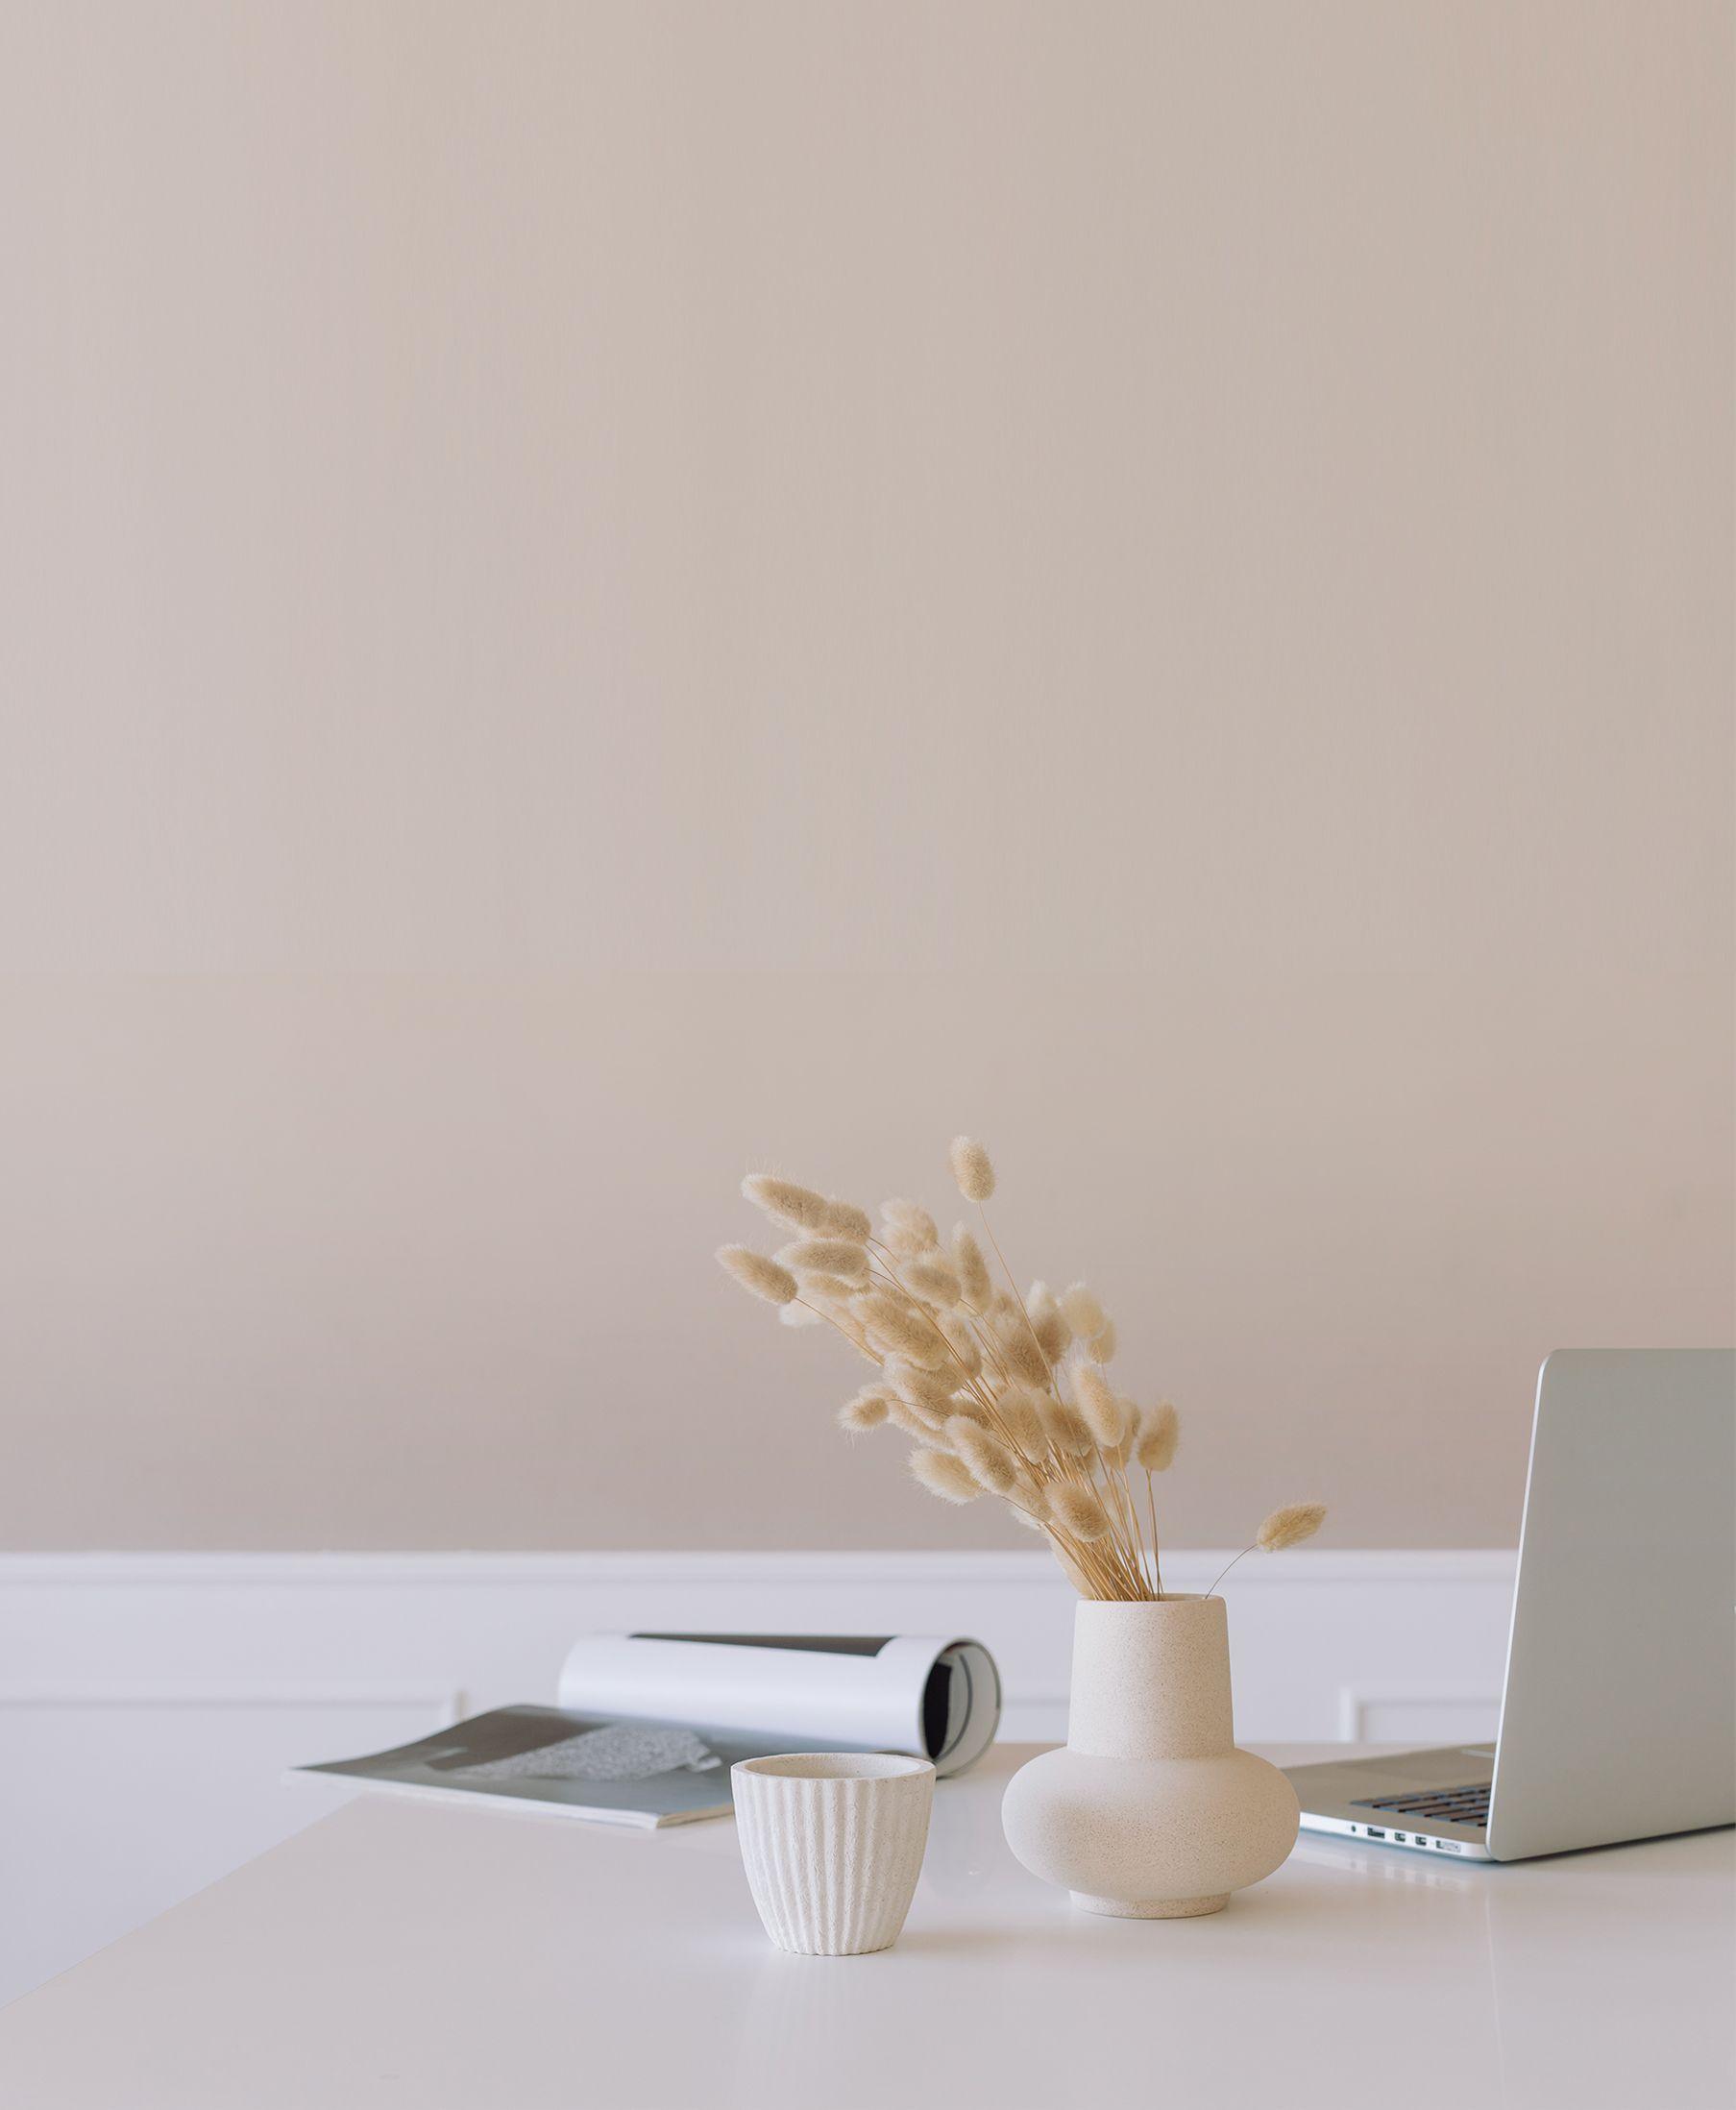 На фото изображен стол на котором лежит ноутбук, ваза, чашка и журнал